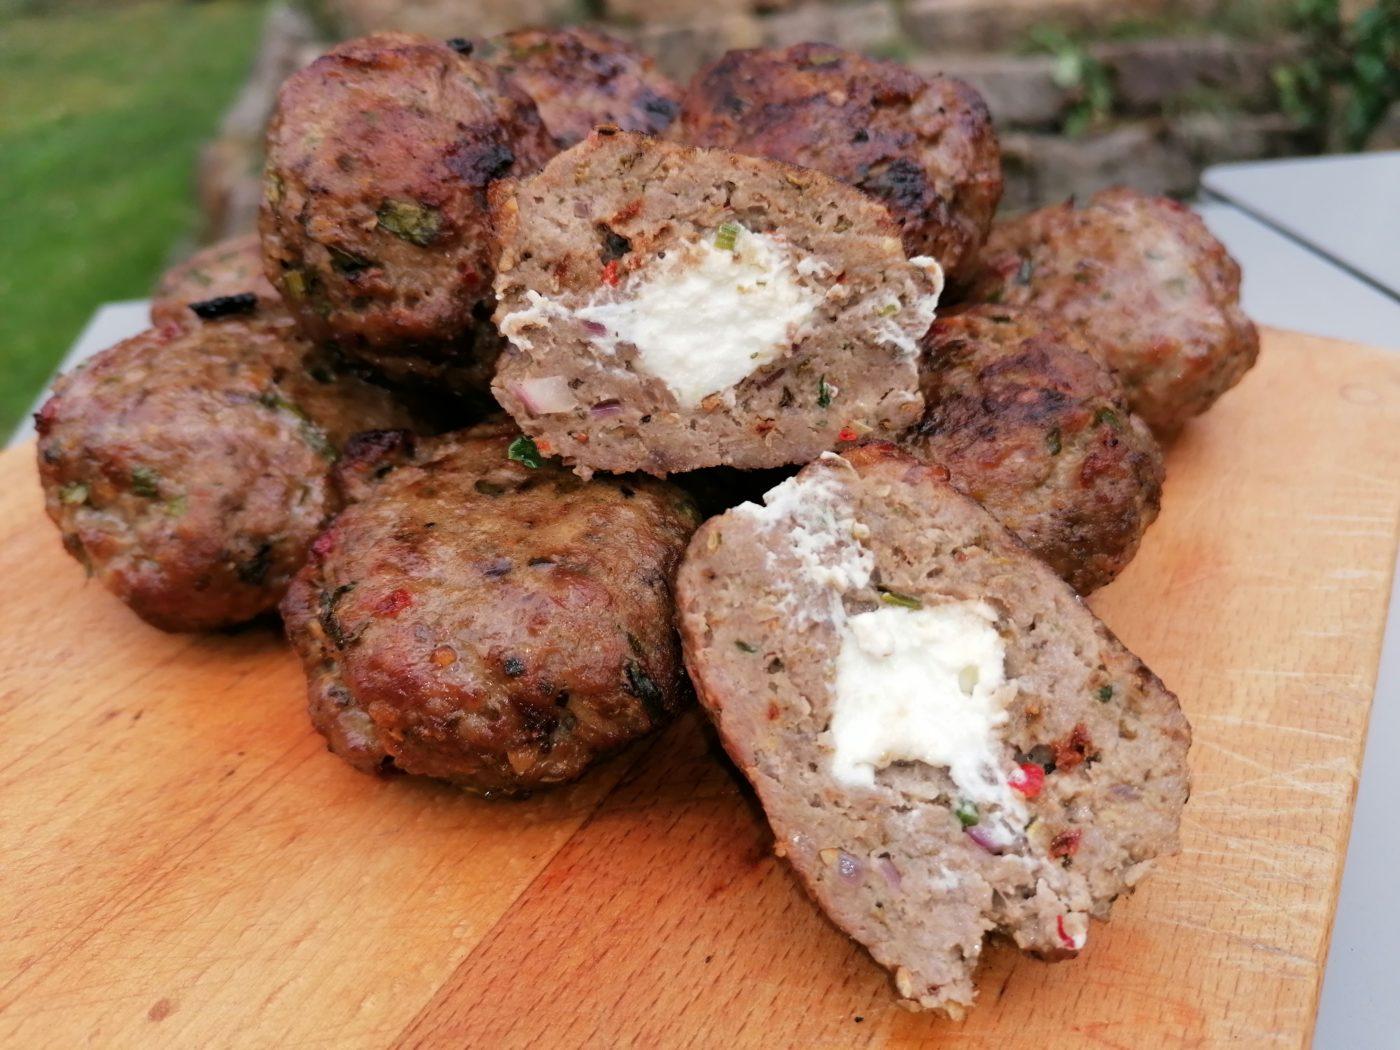 die Sachsengriller Grill Rezept Bifteki oder Beefsteak